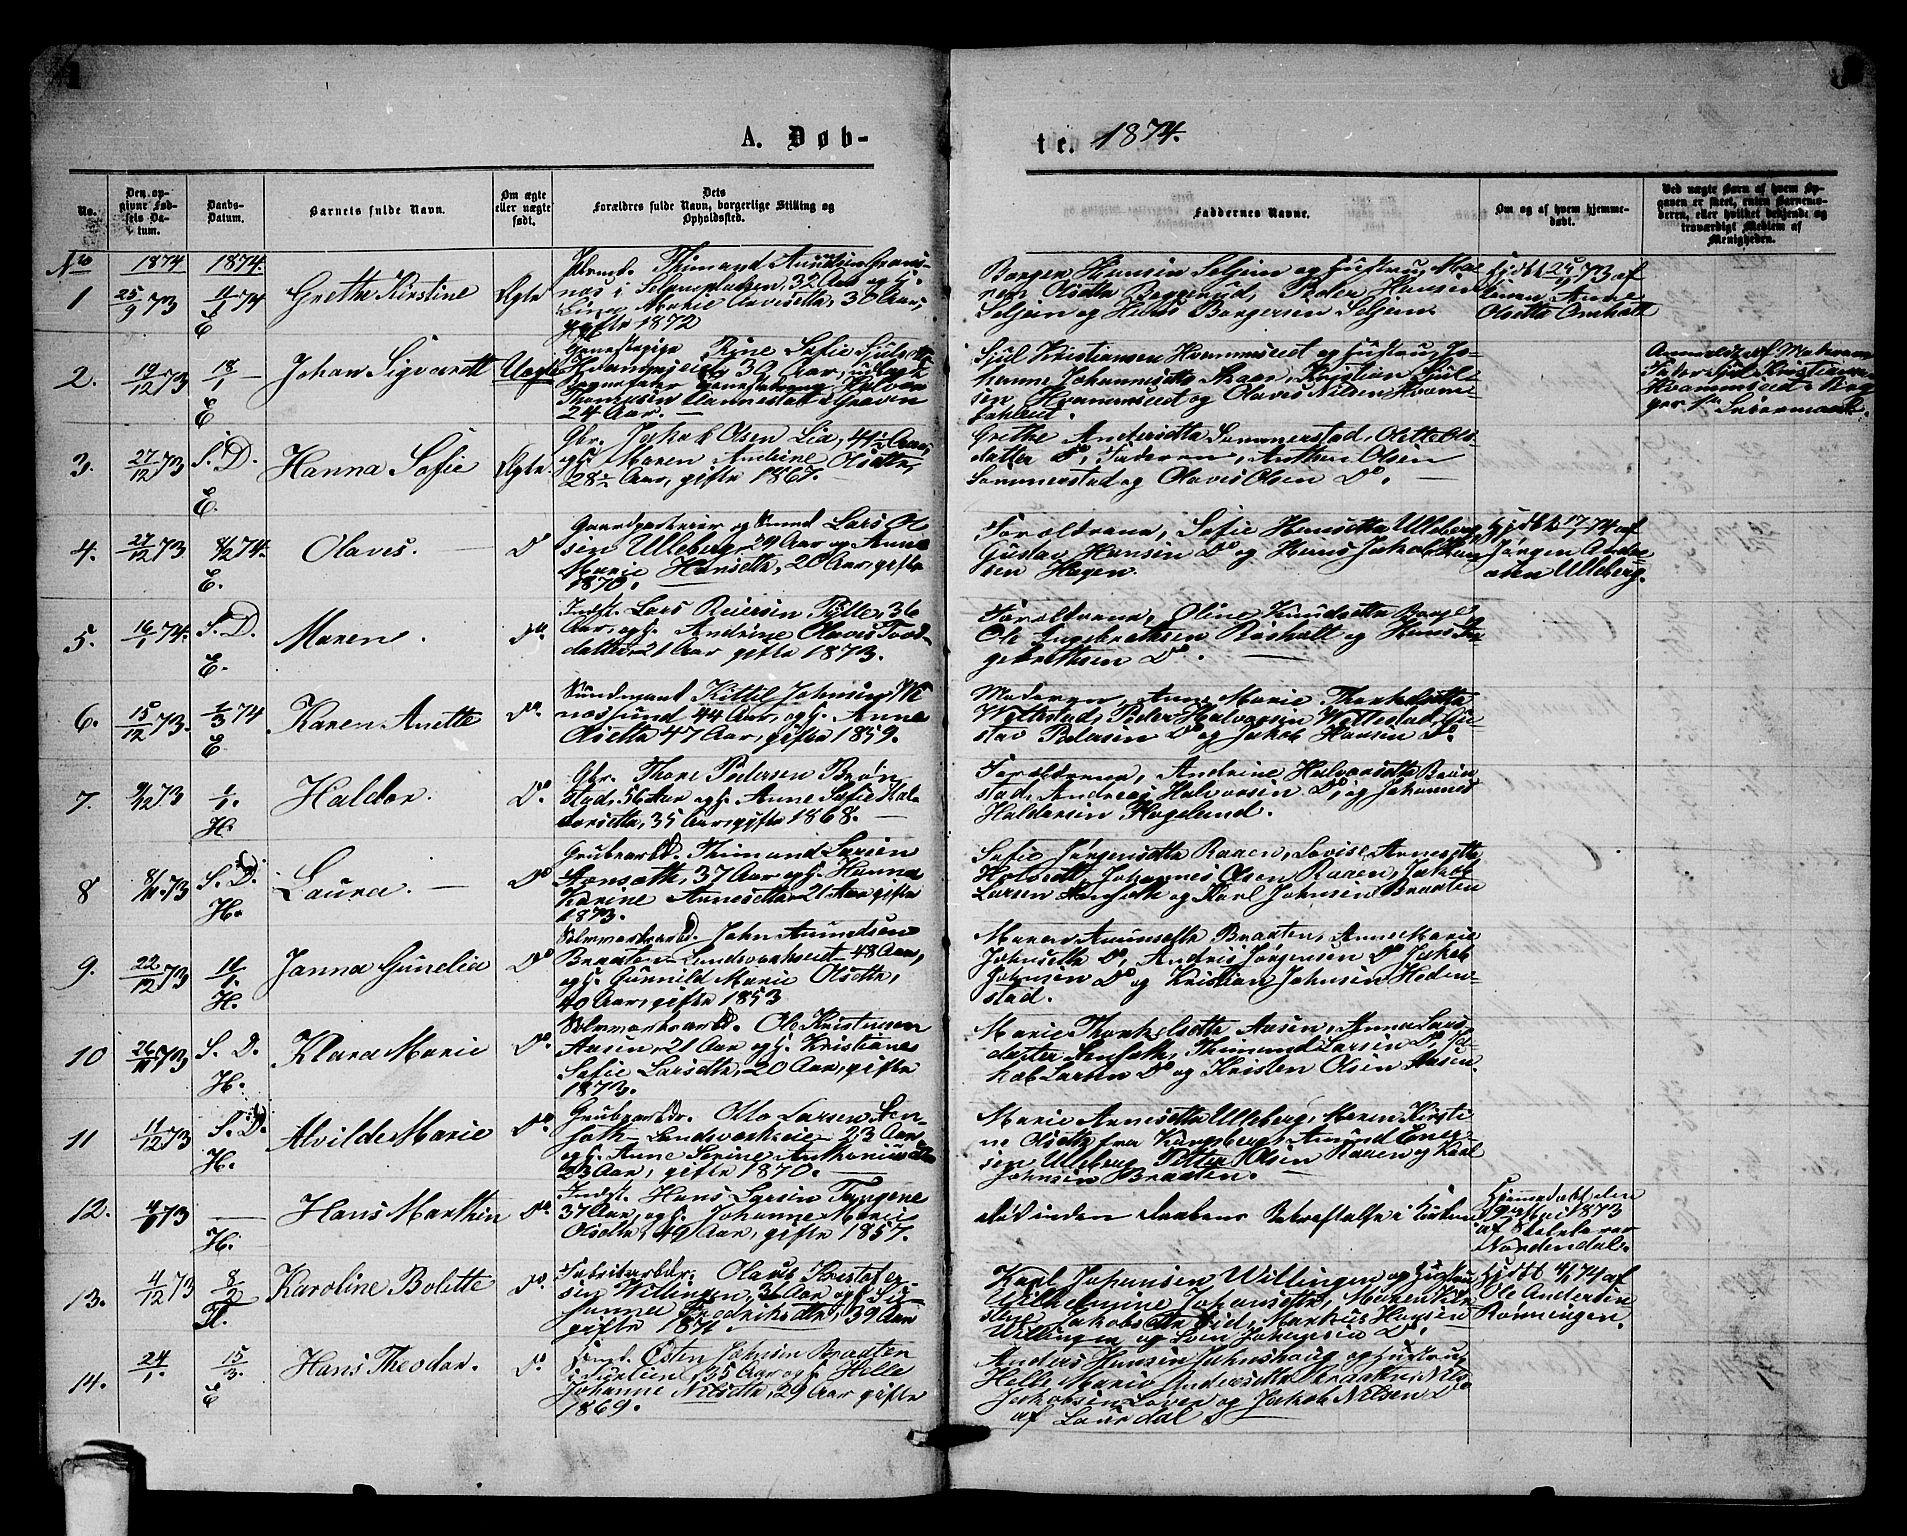 SAKO, Sandsvær kirkebøker, G/Gb/L0001: Klokkerbok nr. II 1, 1874-1885, s. 1-2